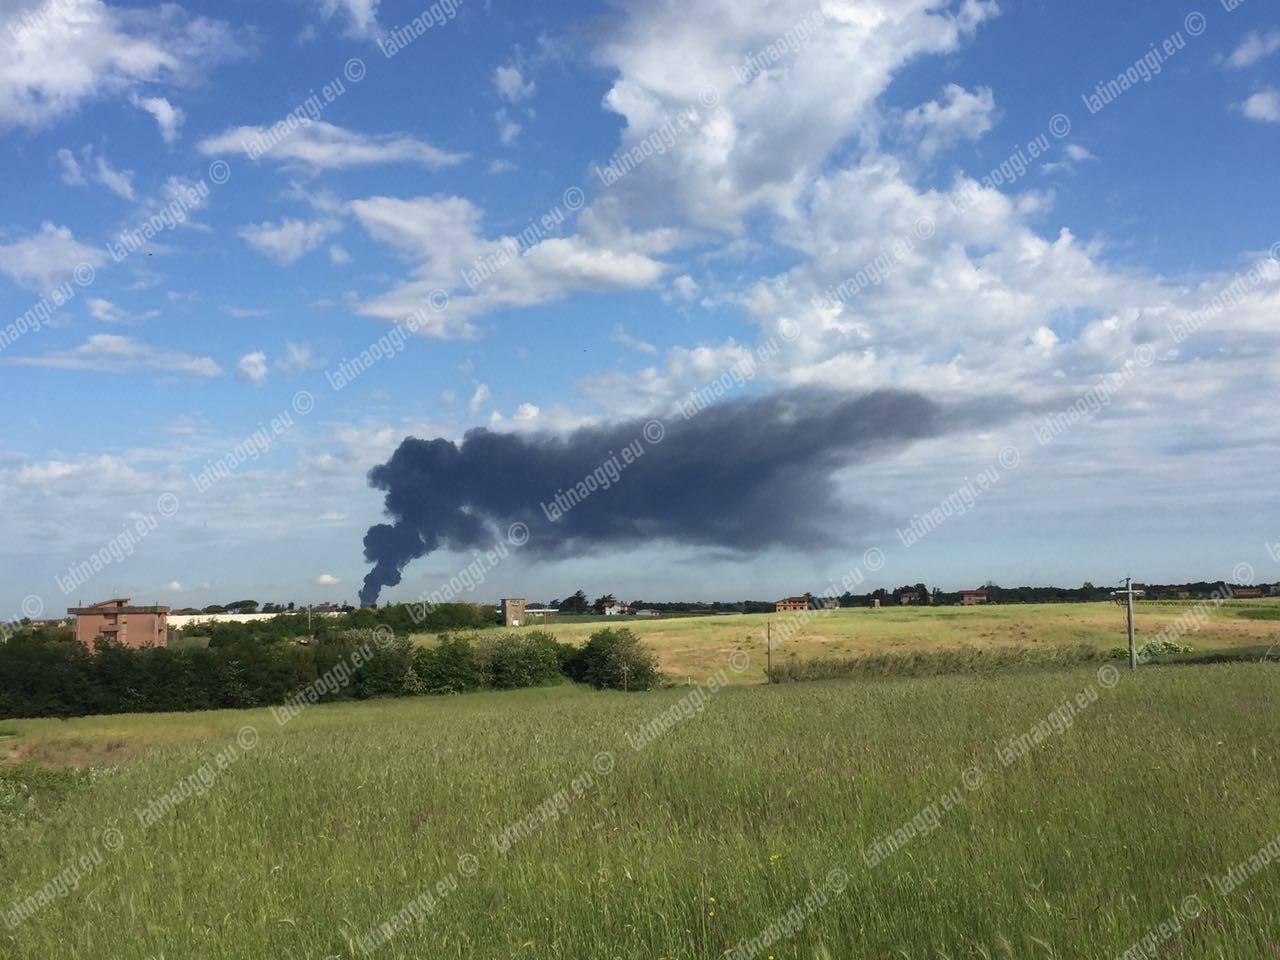 Roma: a fuoco deposito di rifiuti industriali, enorme nube nera